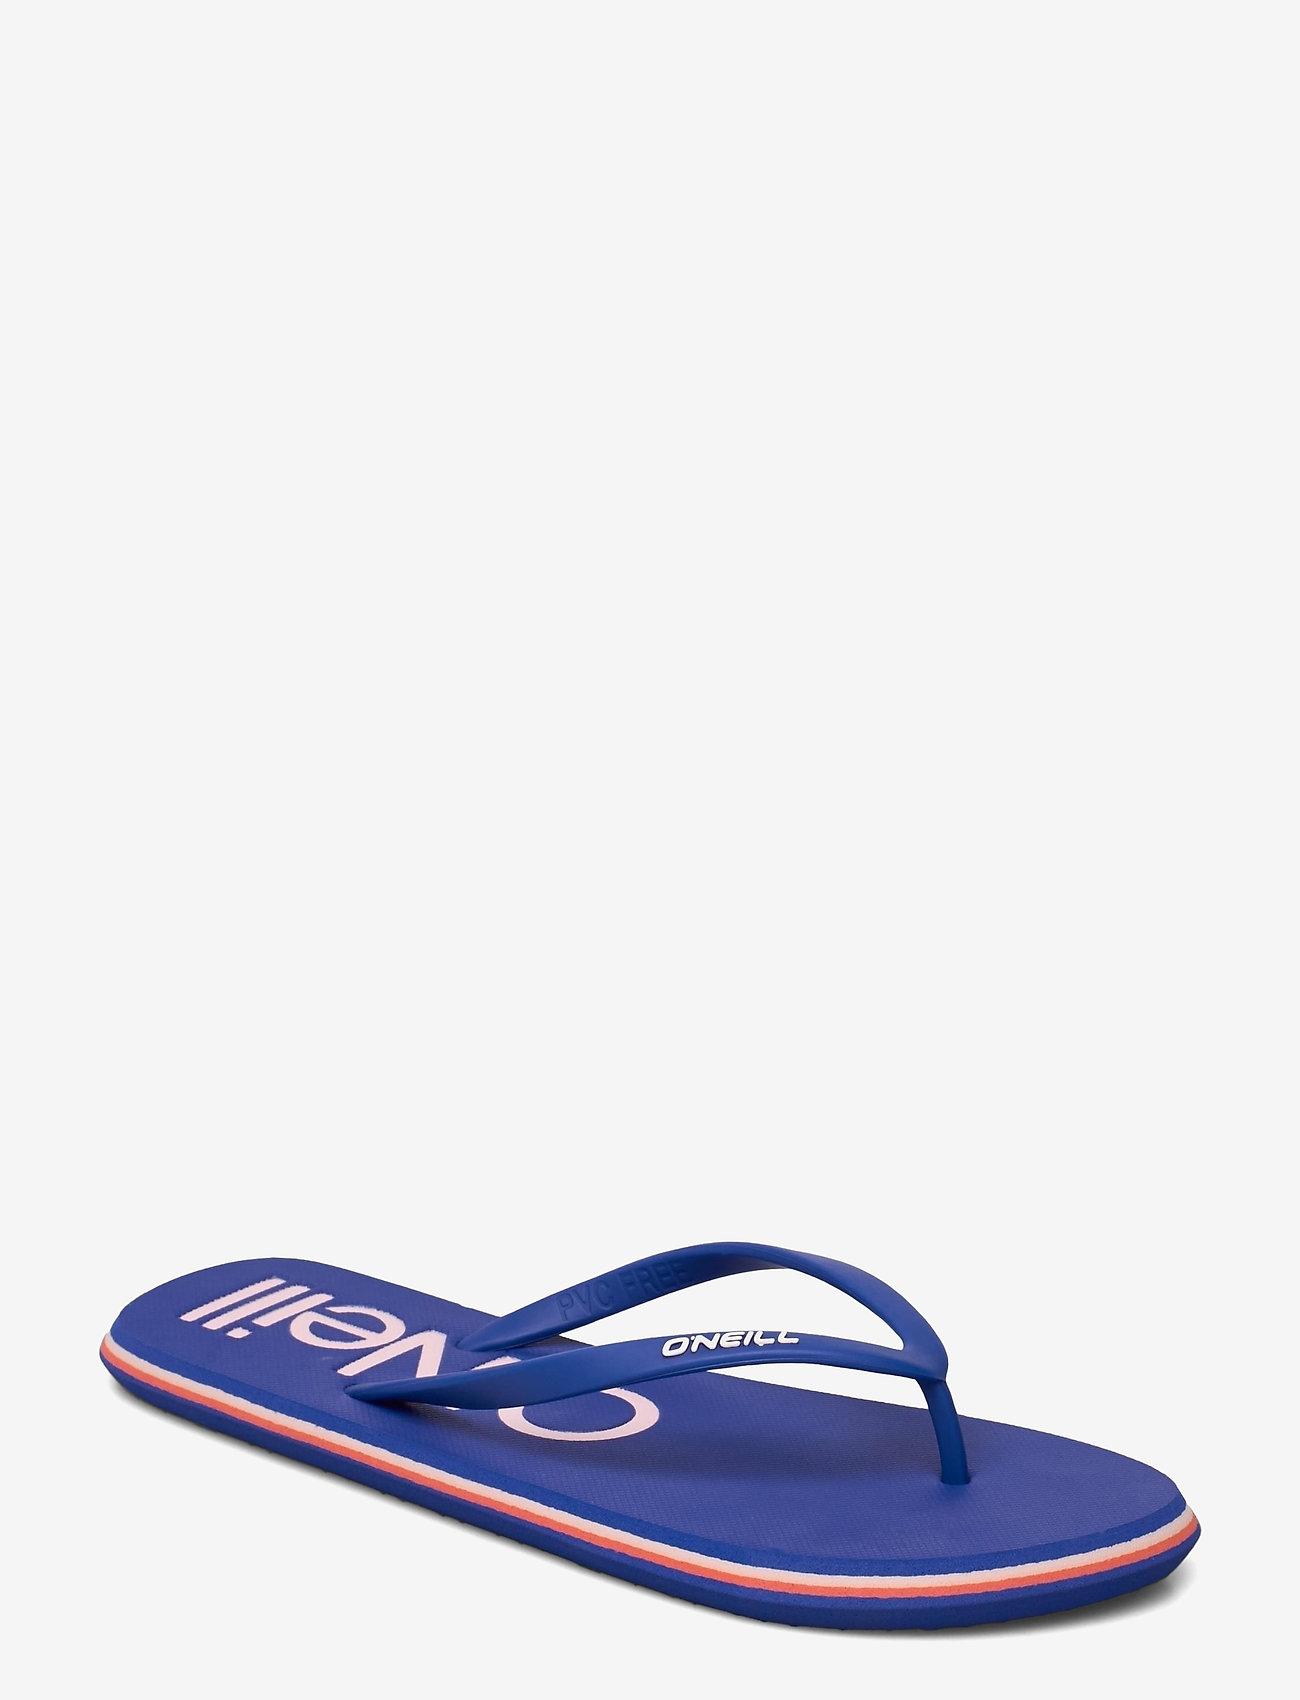 O'Neill - FW PROFILE LOGO SANDALS - sport schoenen - oltramare - 0